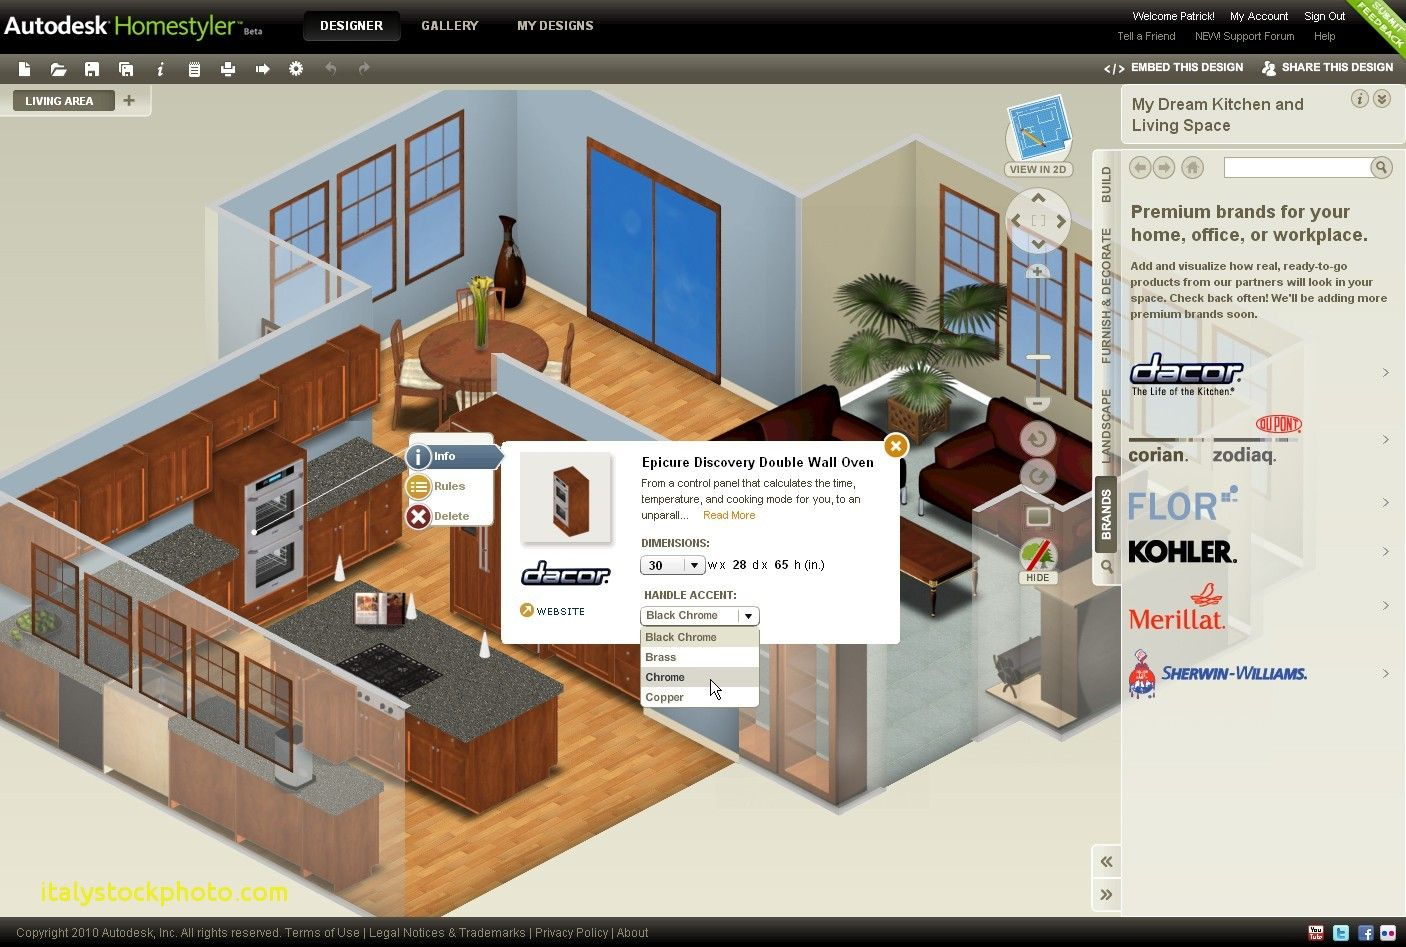 House Design App For Windows   House For Rent Near Me #homedesign  #3dhomedesignsoftware #3dhomedesign #housedesignsoftware #interiordesign ...